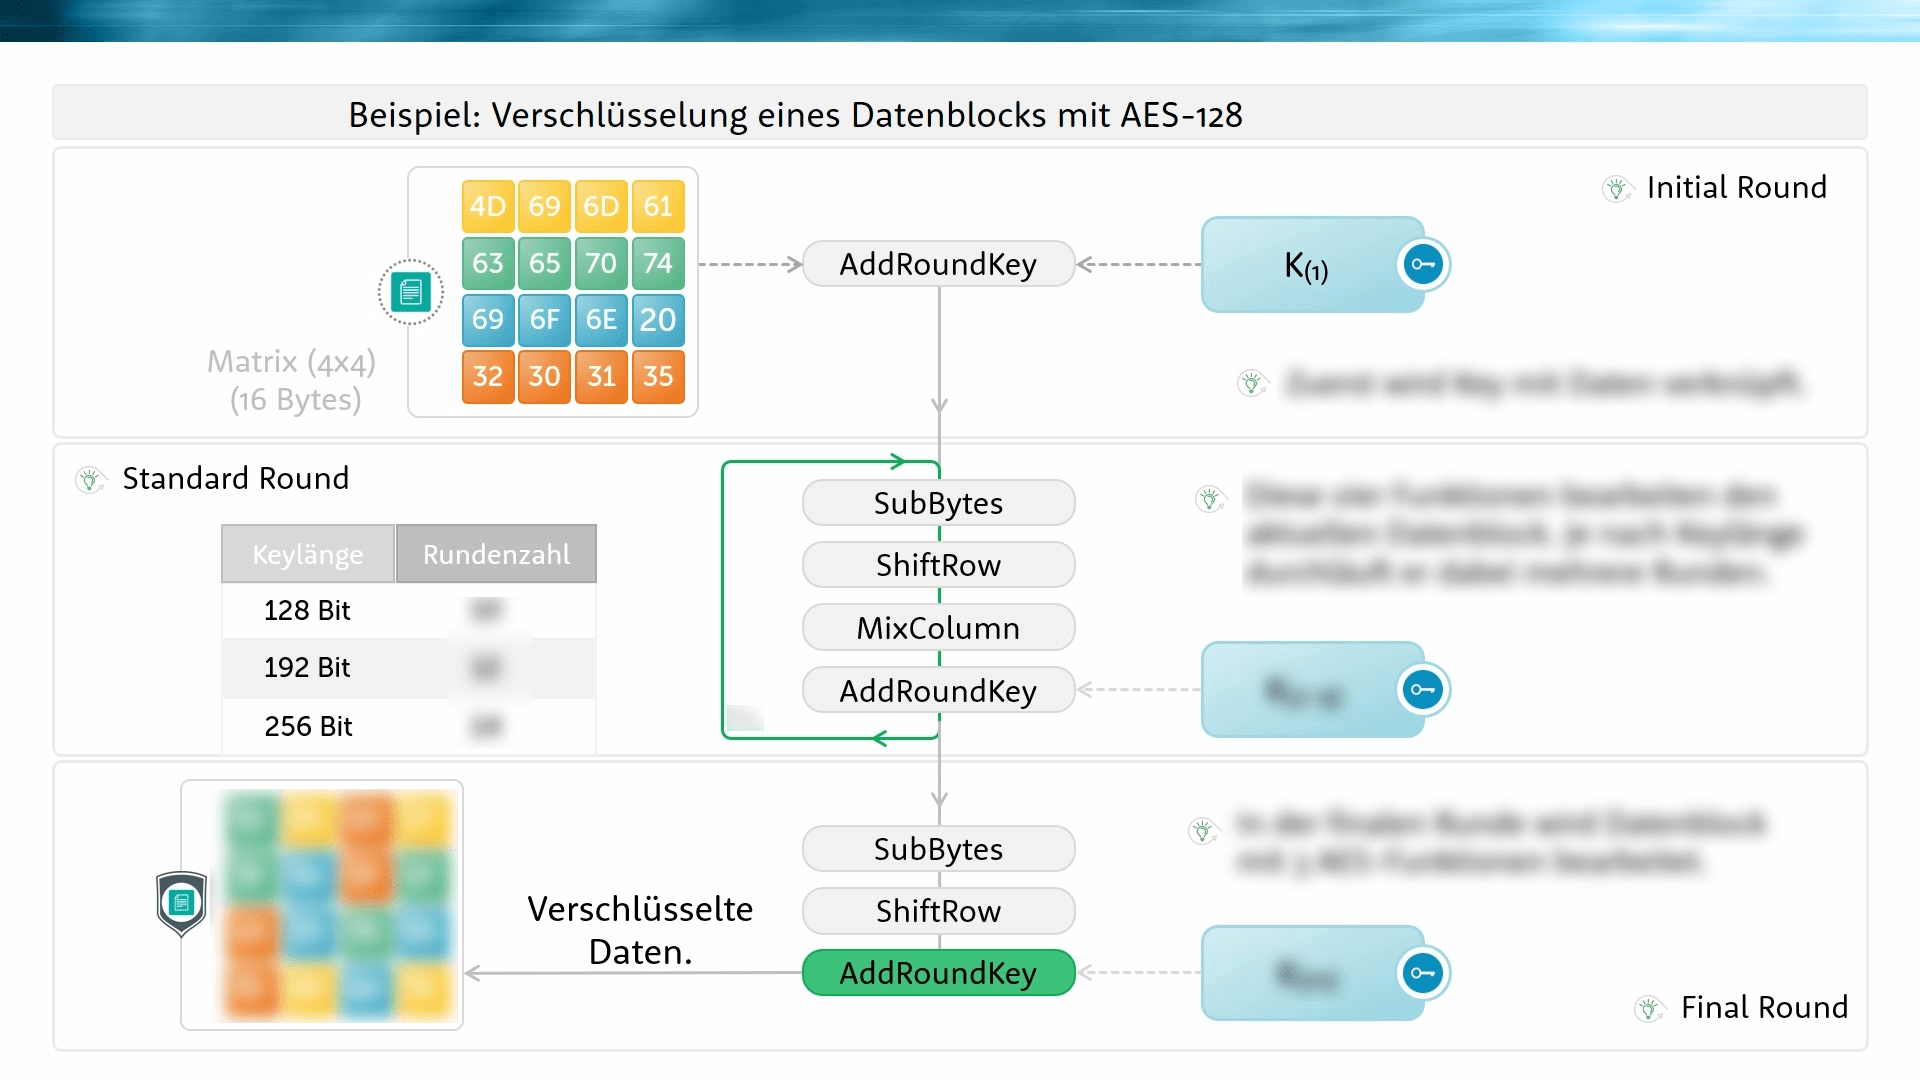 Verschlüsselung eines Datenblocks mit AES 128